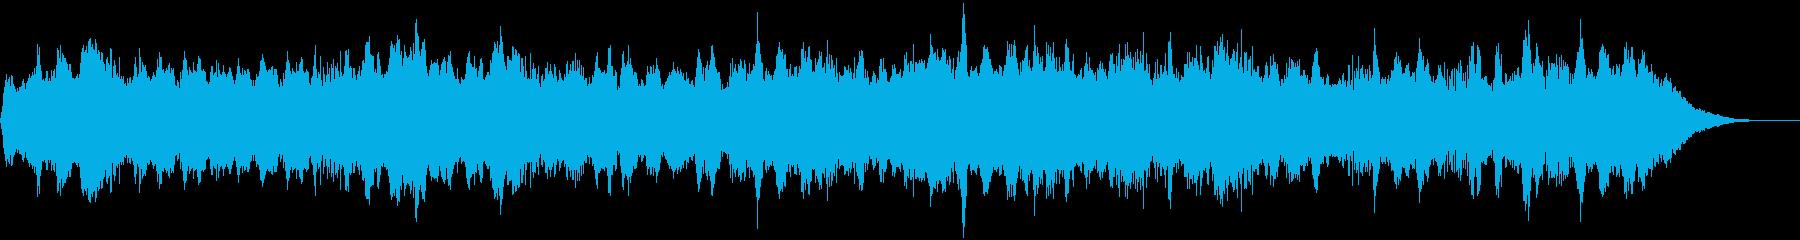 逃走のテーマ30秒BGMの再生済みの波形